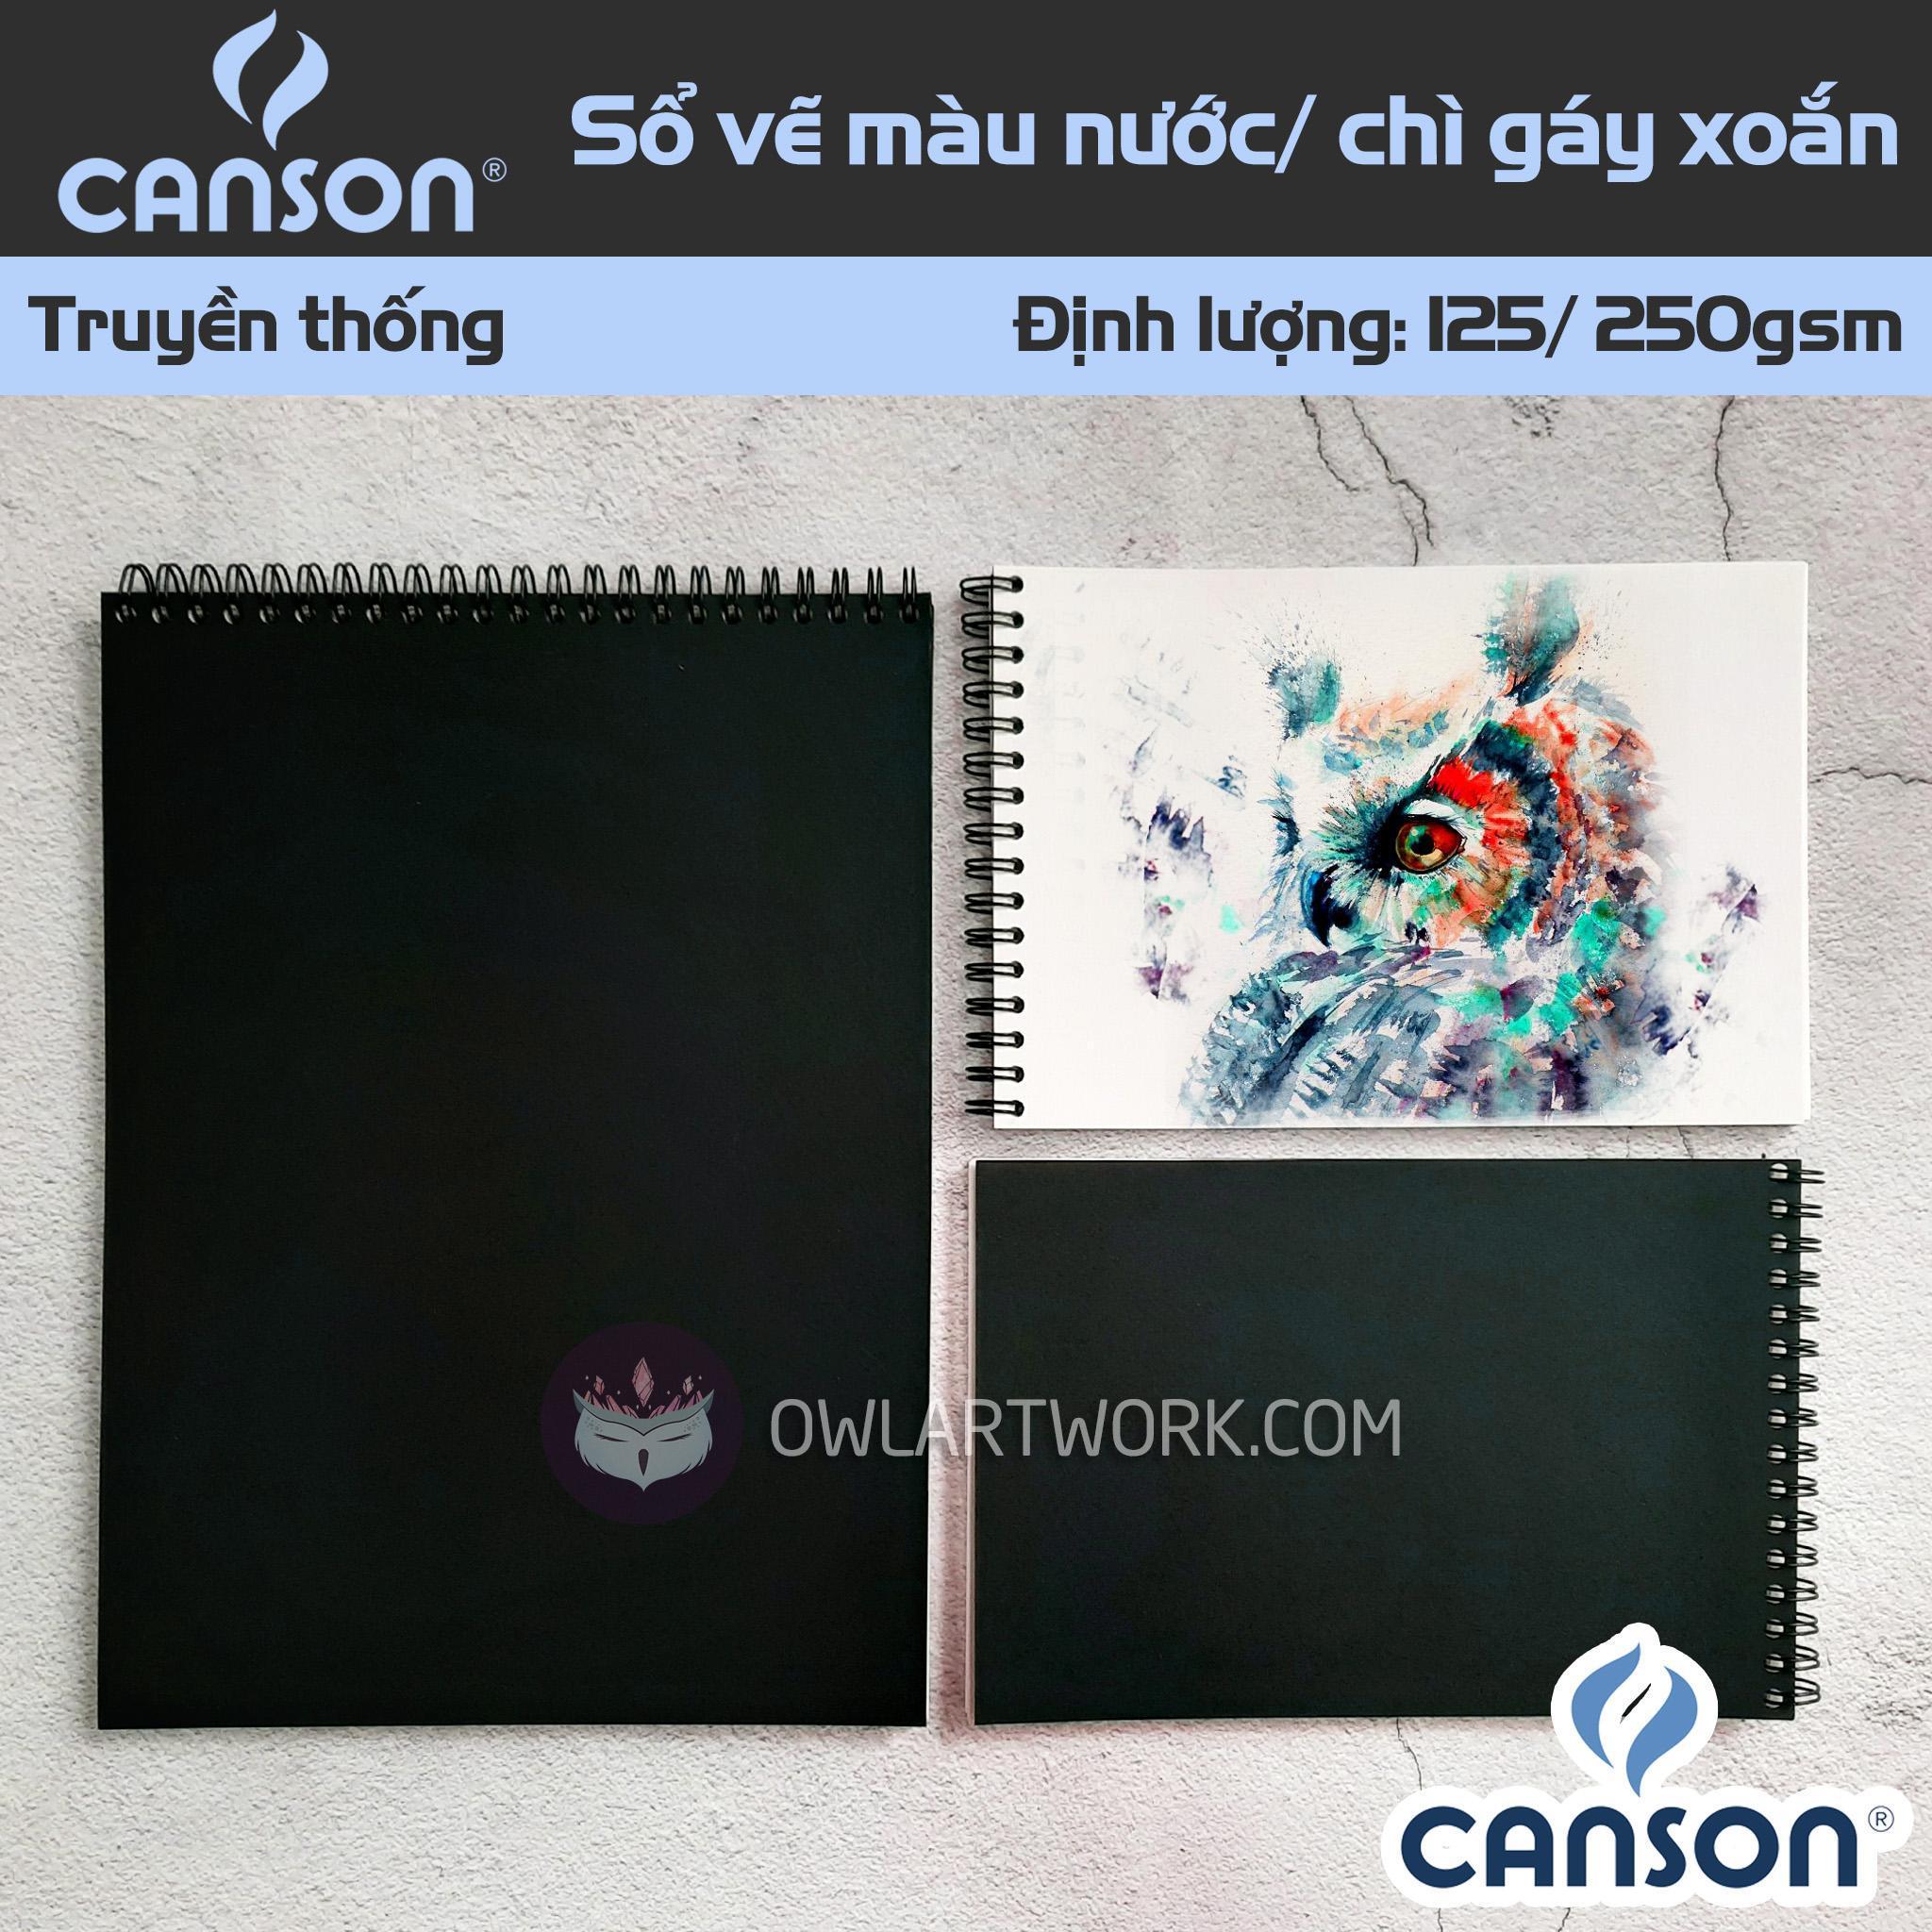 Mua Sổ Giấy Vẽ CANSON truyền thống 125-250gsm